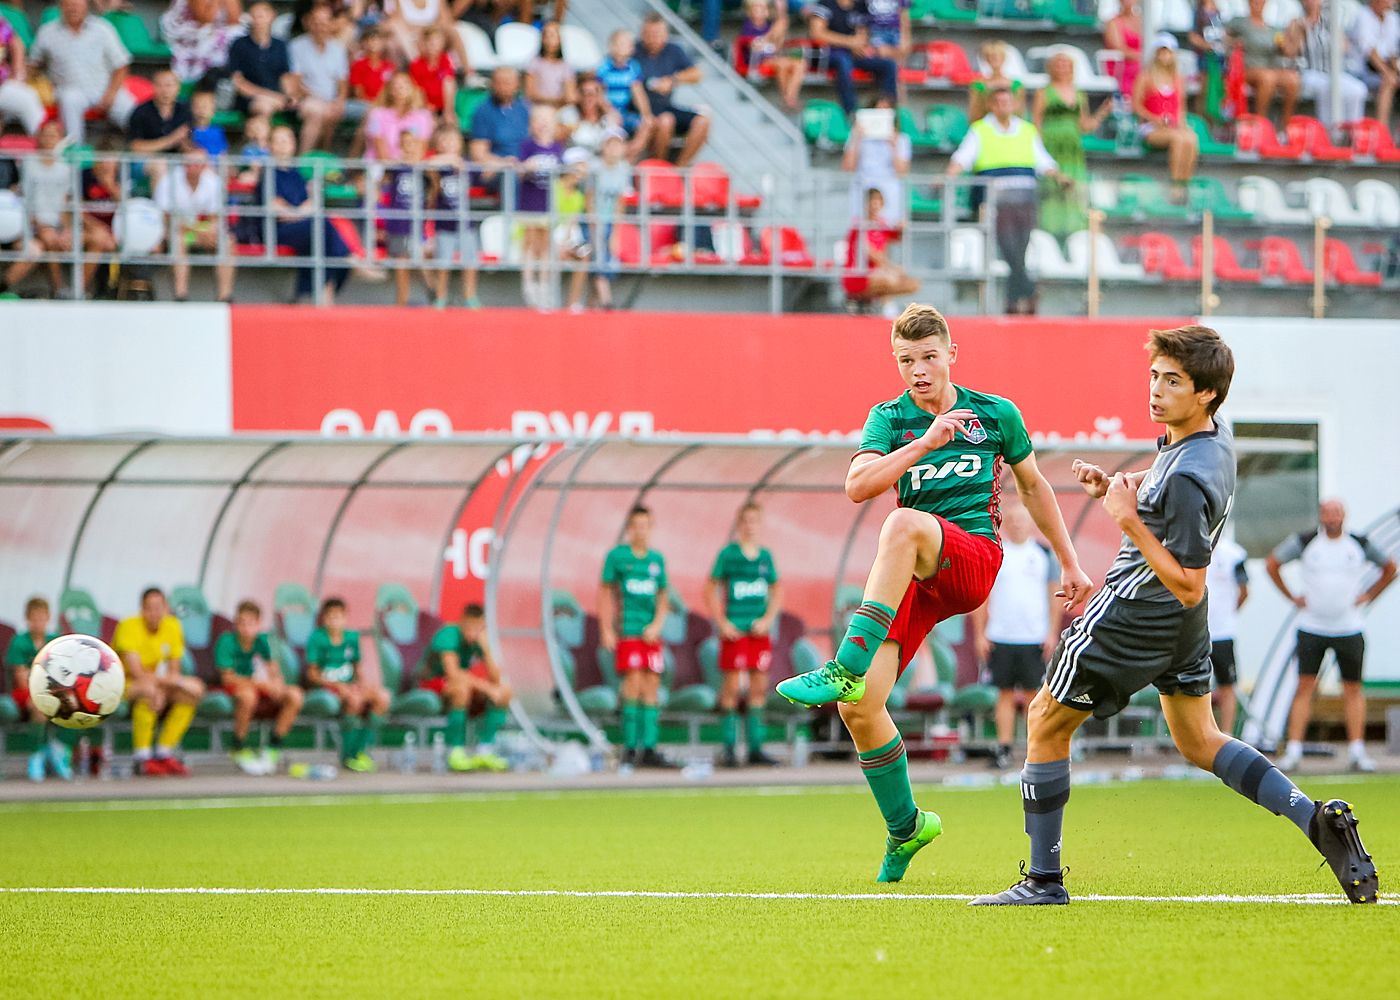 Международный футбольный турнир UTLC Cup 2018 среди юношей фото 4